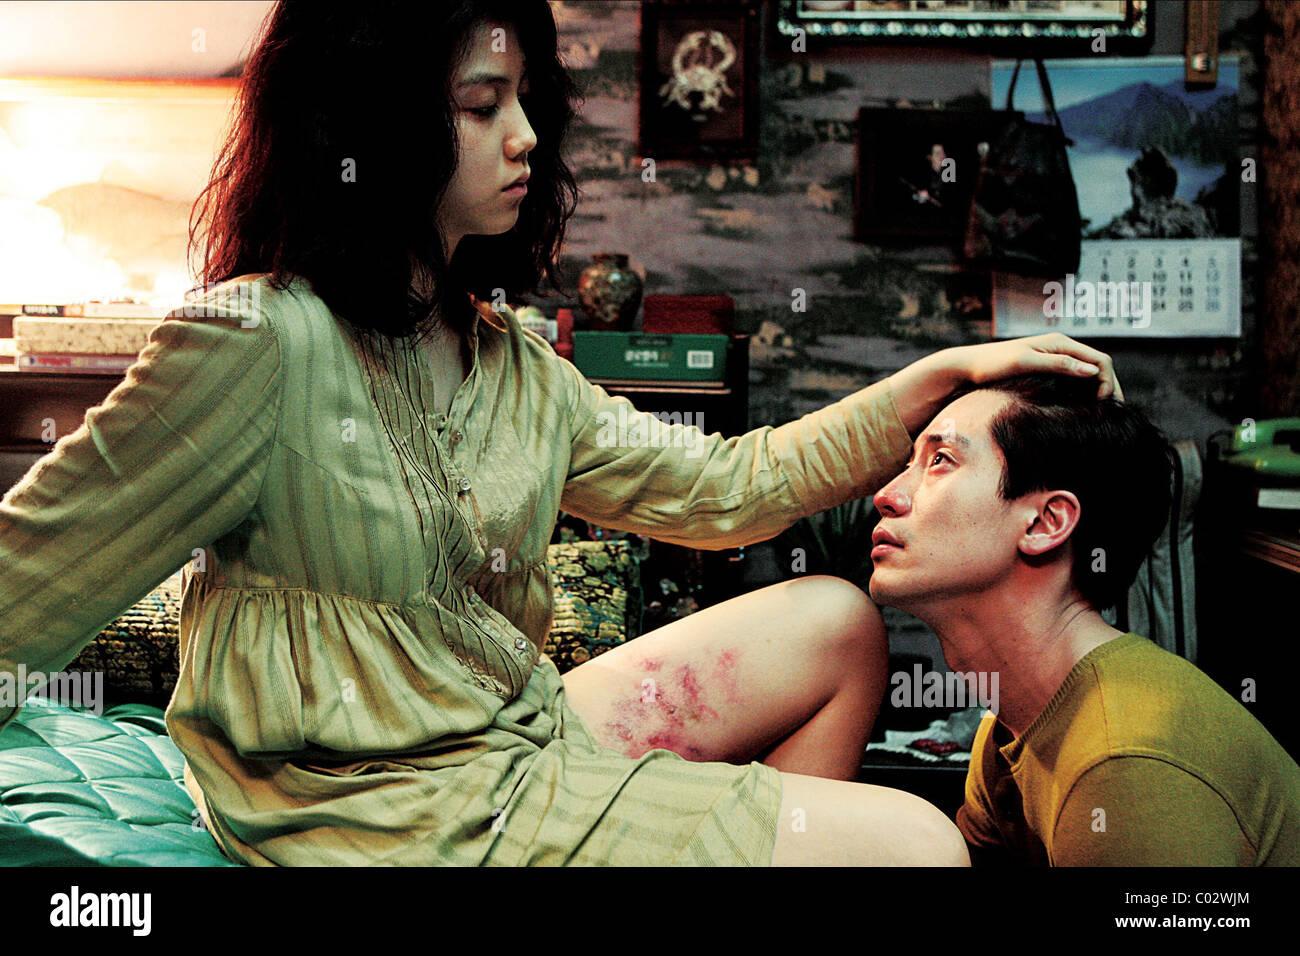 OK-VIN KIM THIRST; BAKJWI (2009) Stock Photo